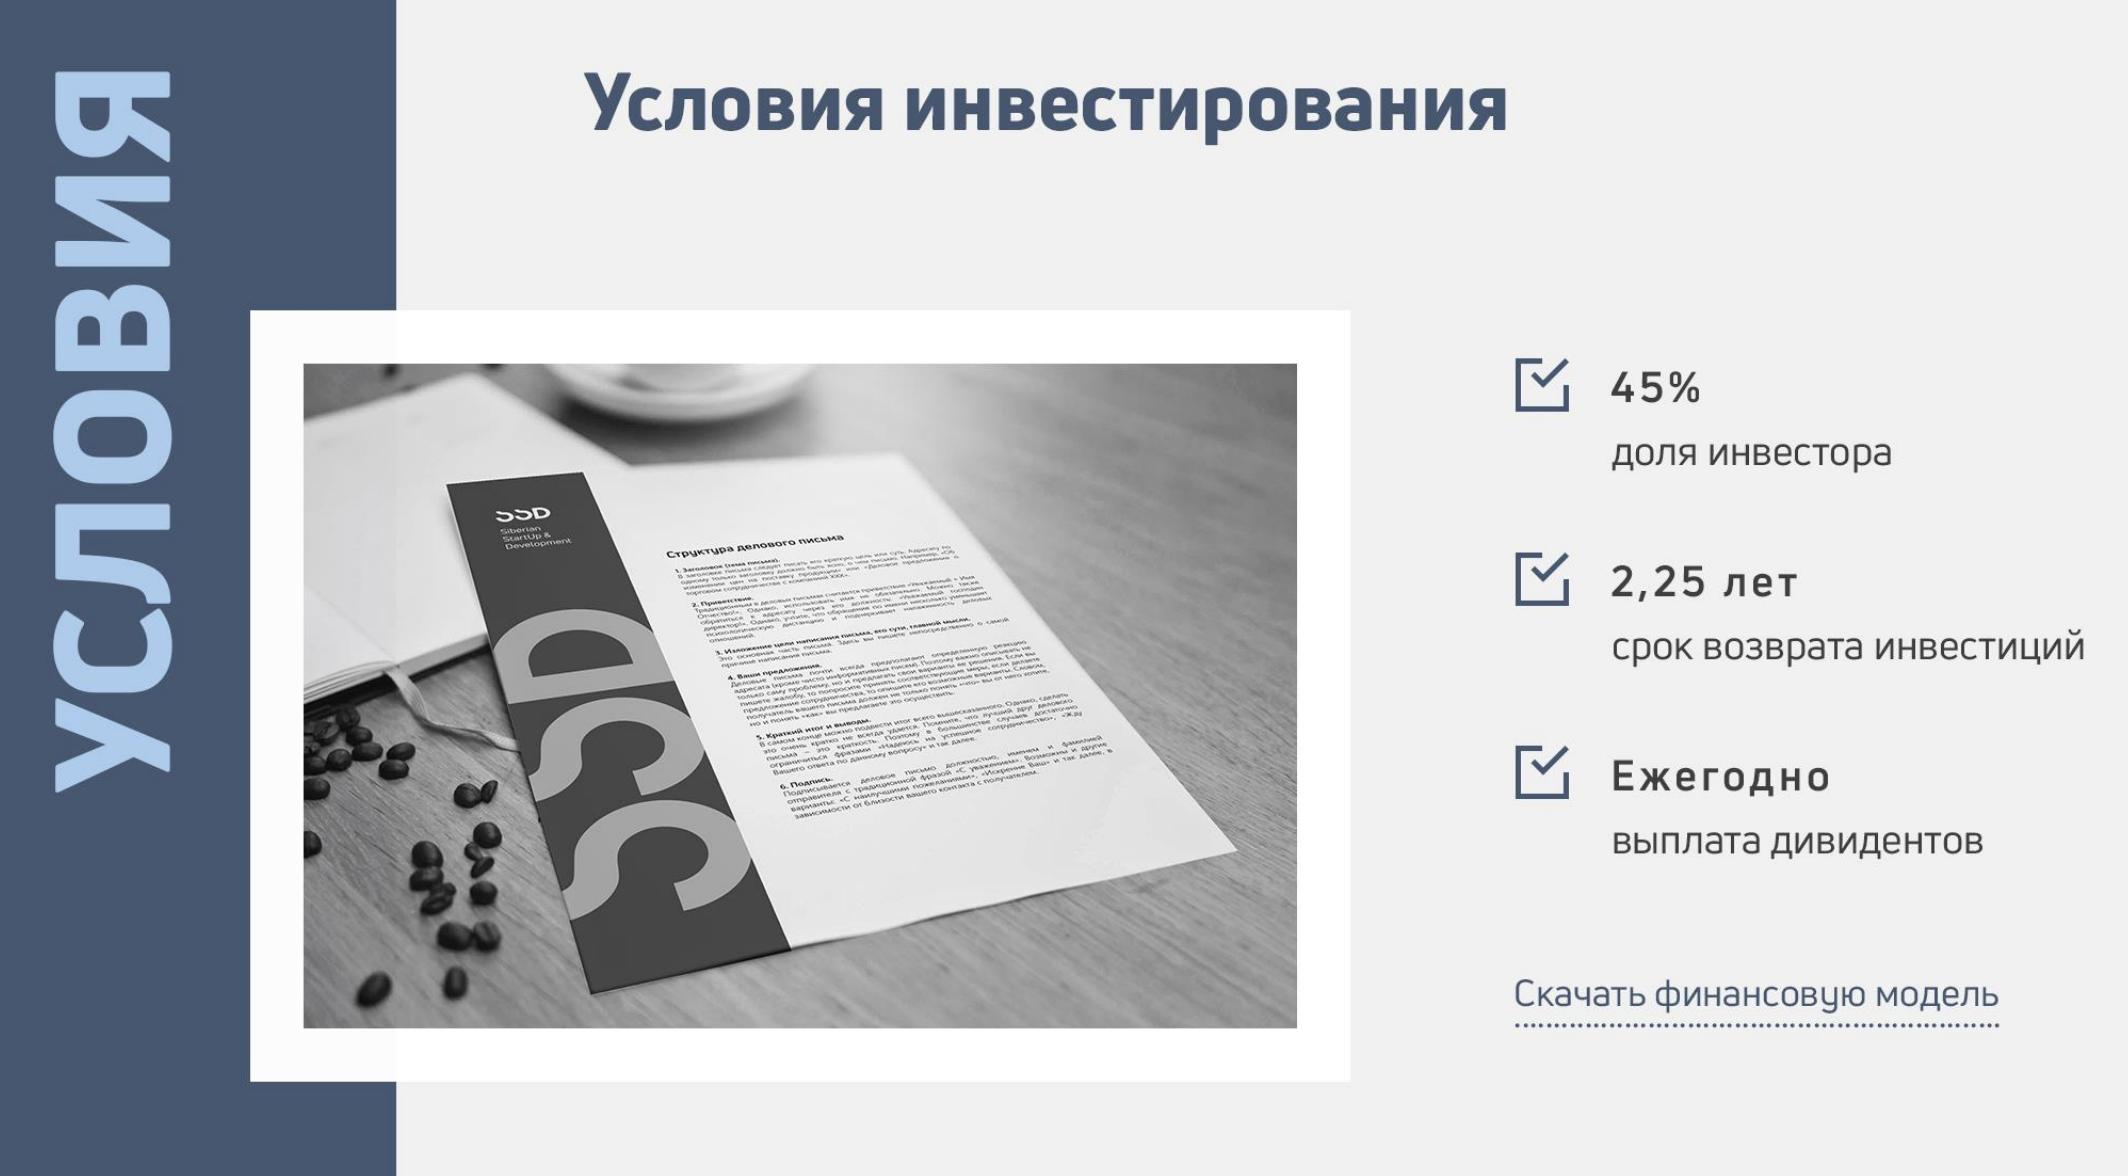 В презентации проекта «ССД Решение» обещает хорошие условия и возврат инвестиций через два с четвертью года